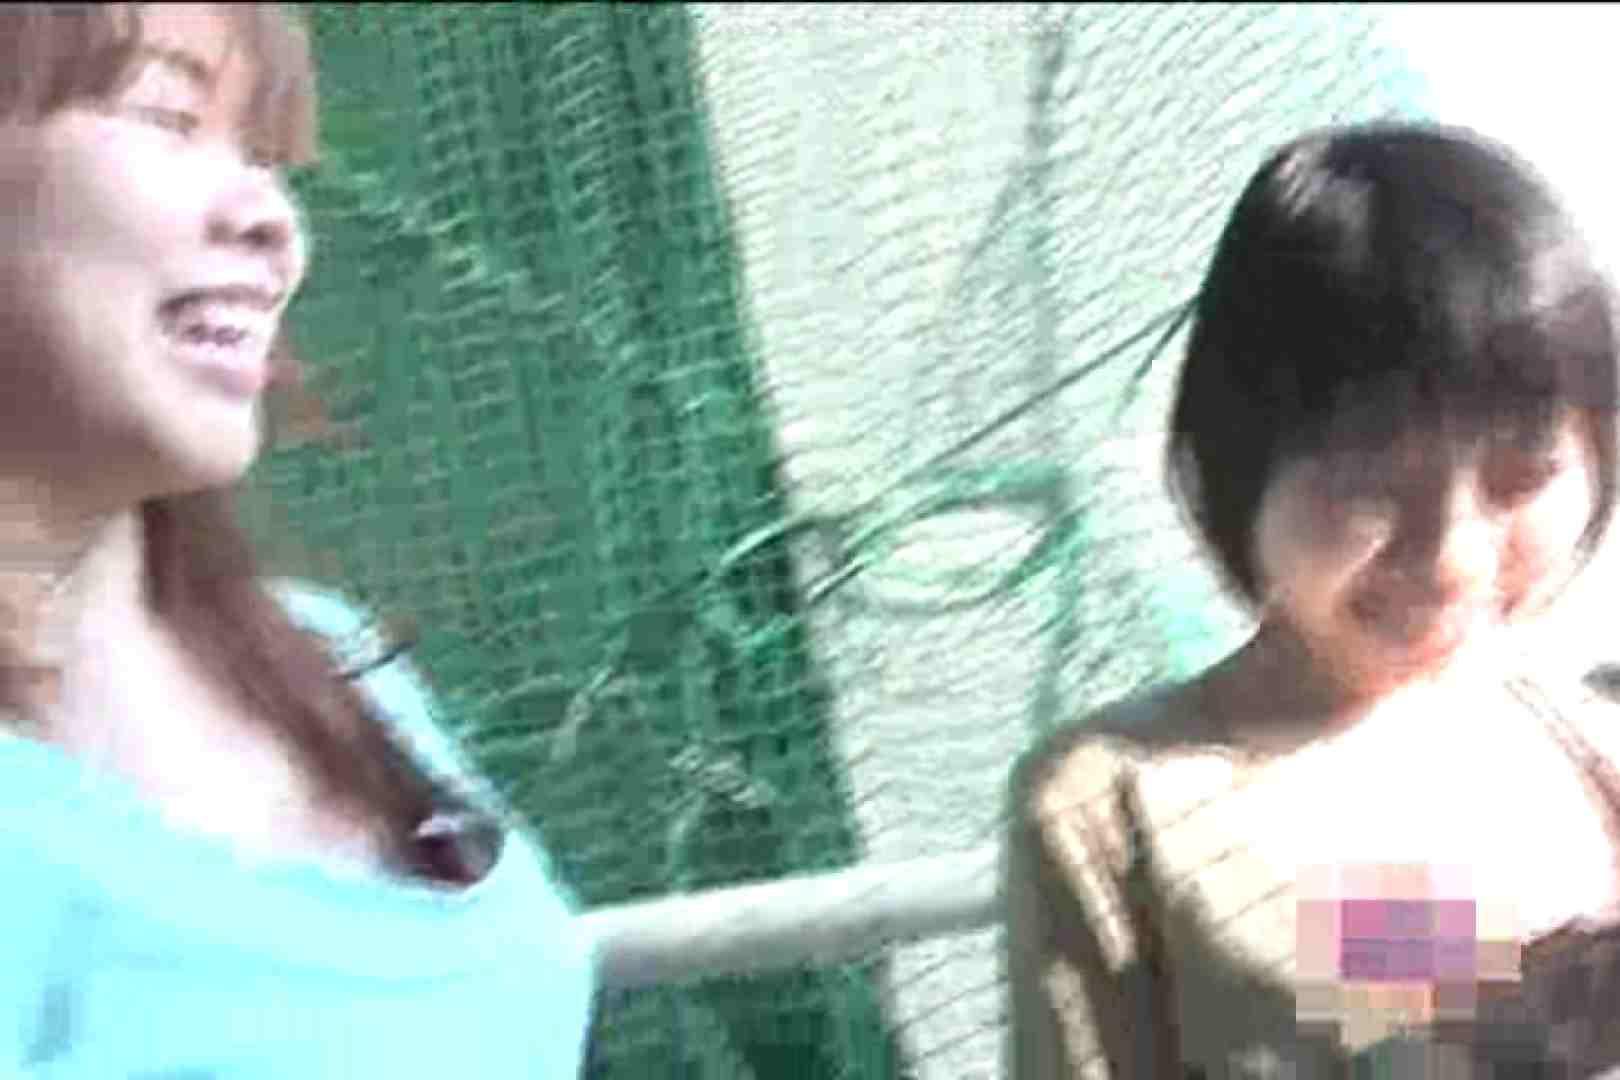 大胆露出胸チラギャル大量発生中!!Vol.6 乳首 エロ無料画像 86PIX 24